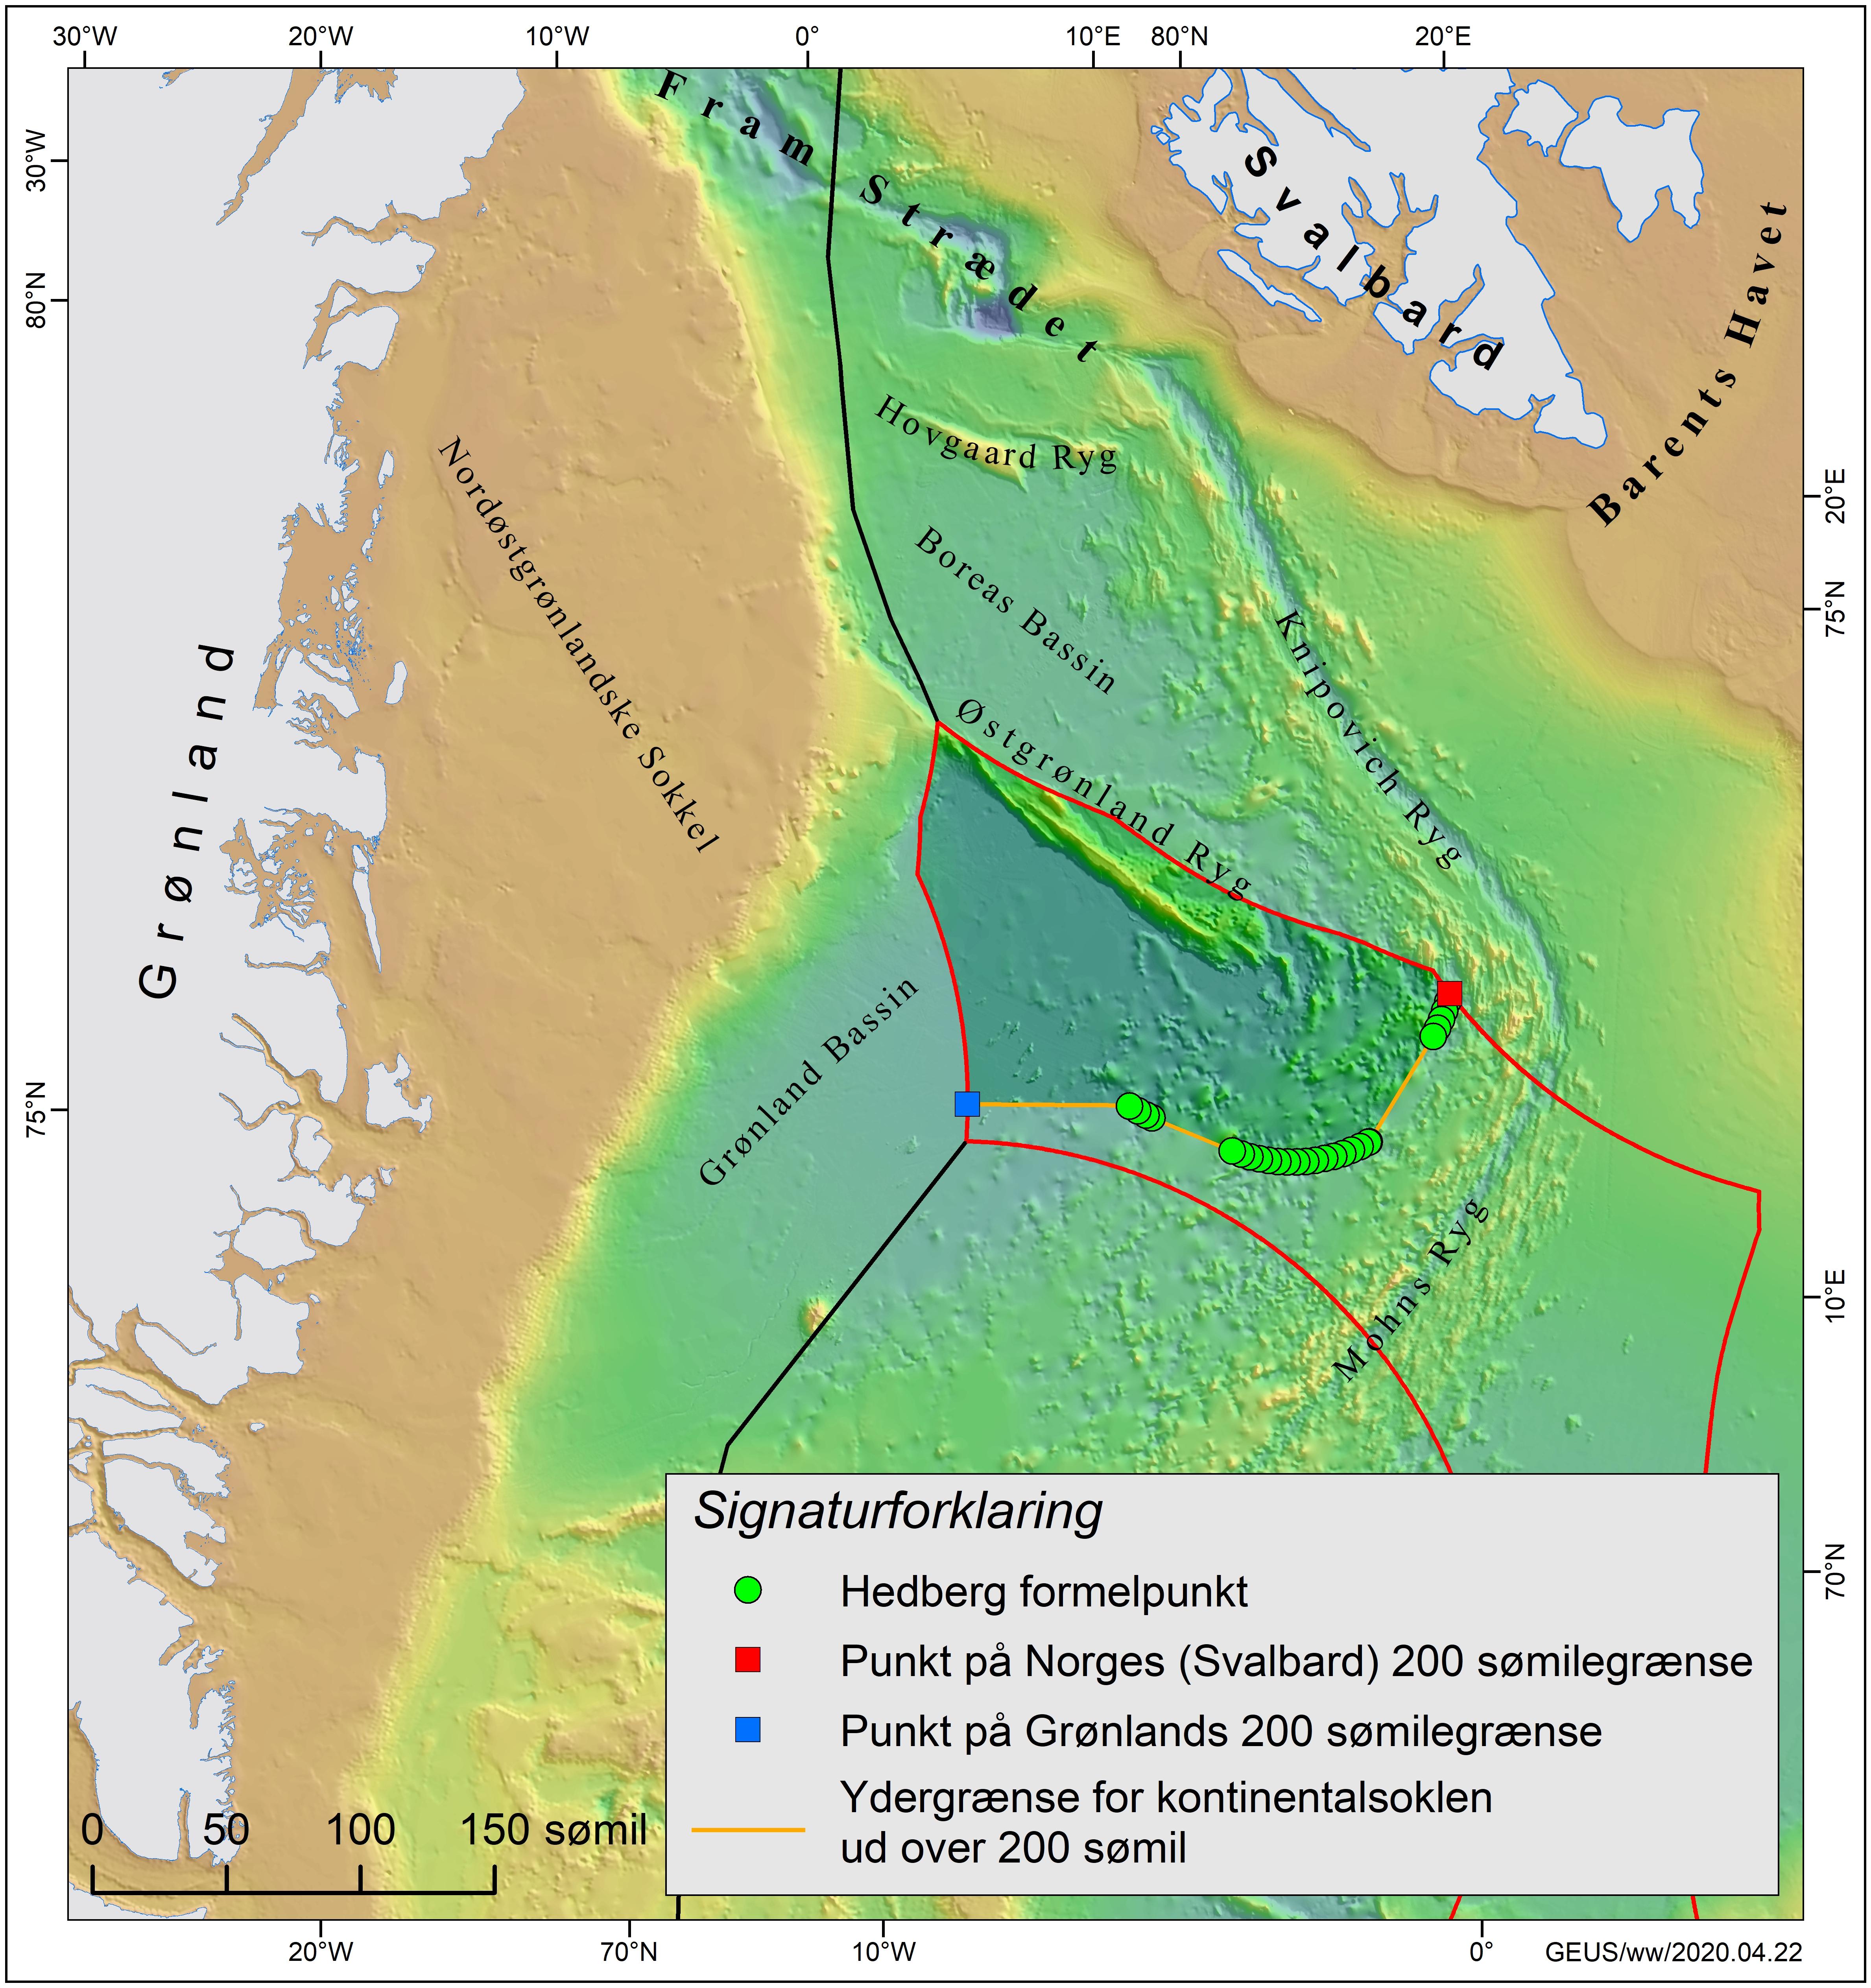 Kort over området nordøst for Grønland